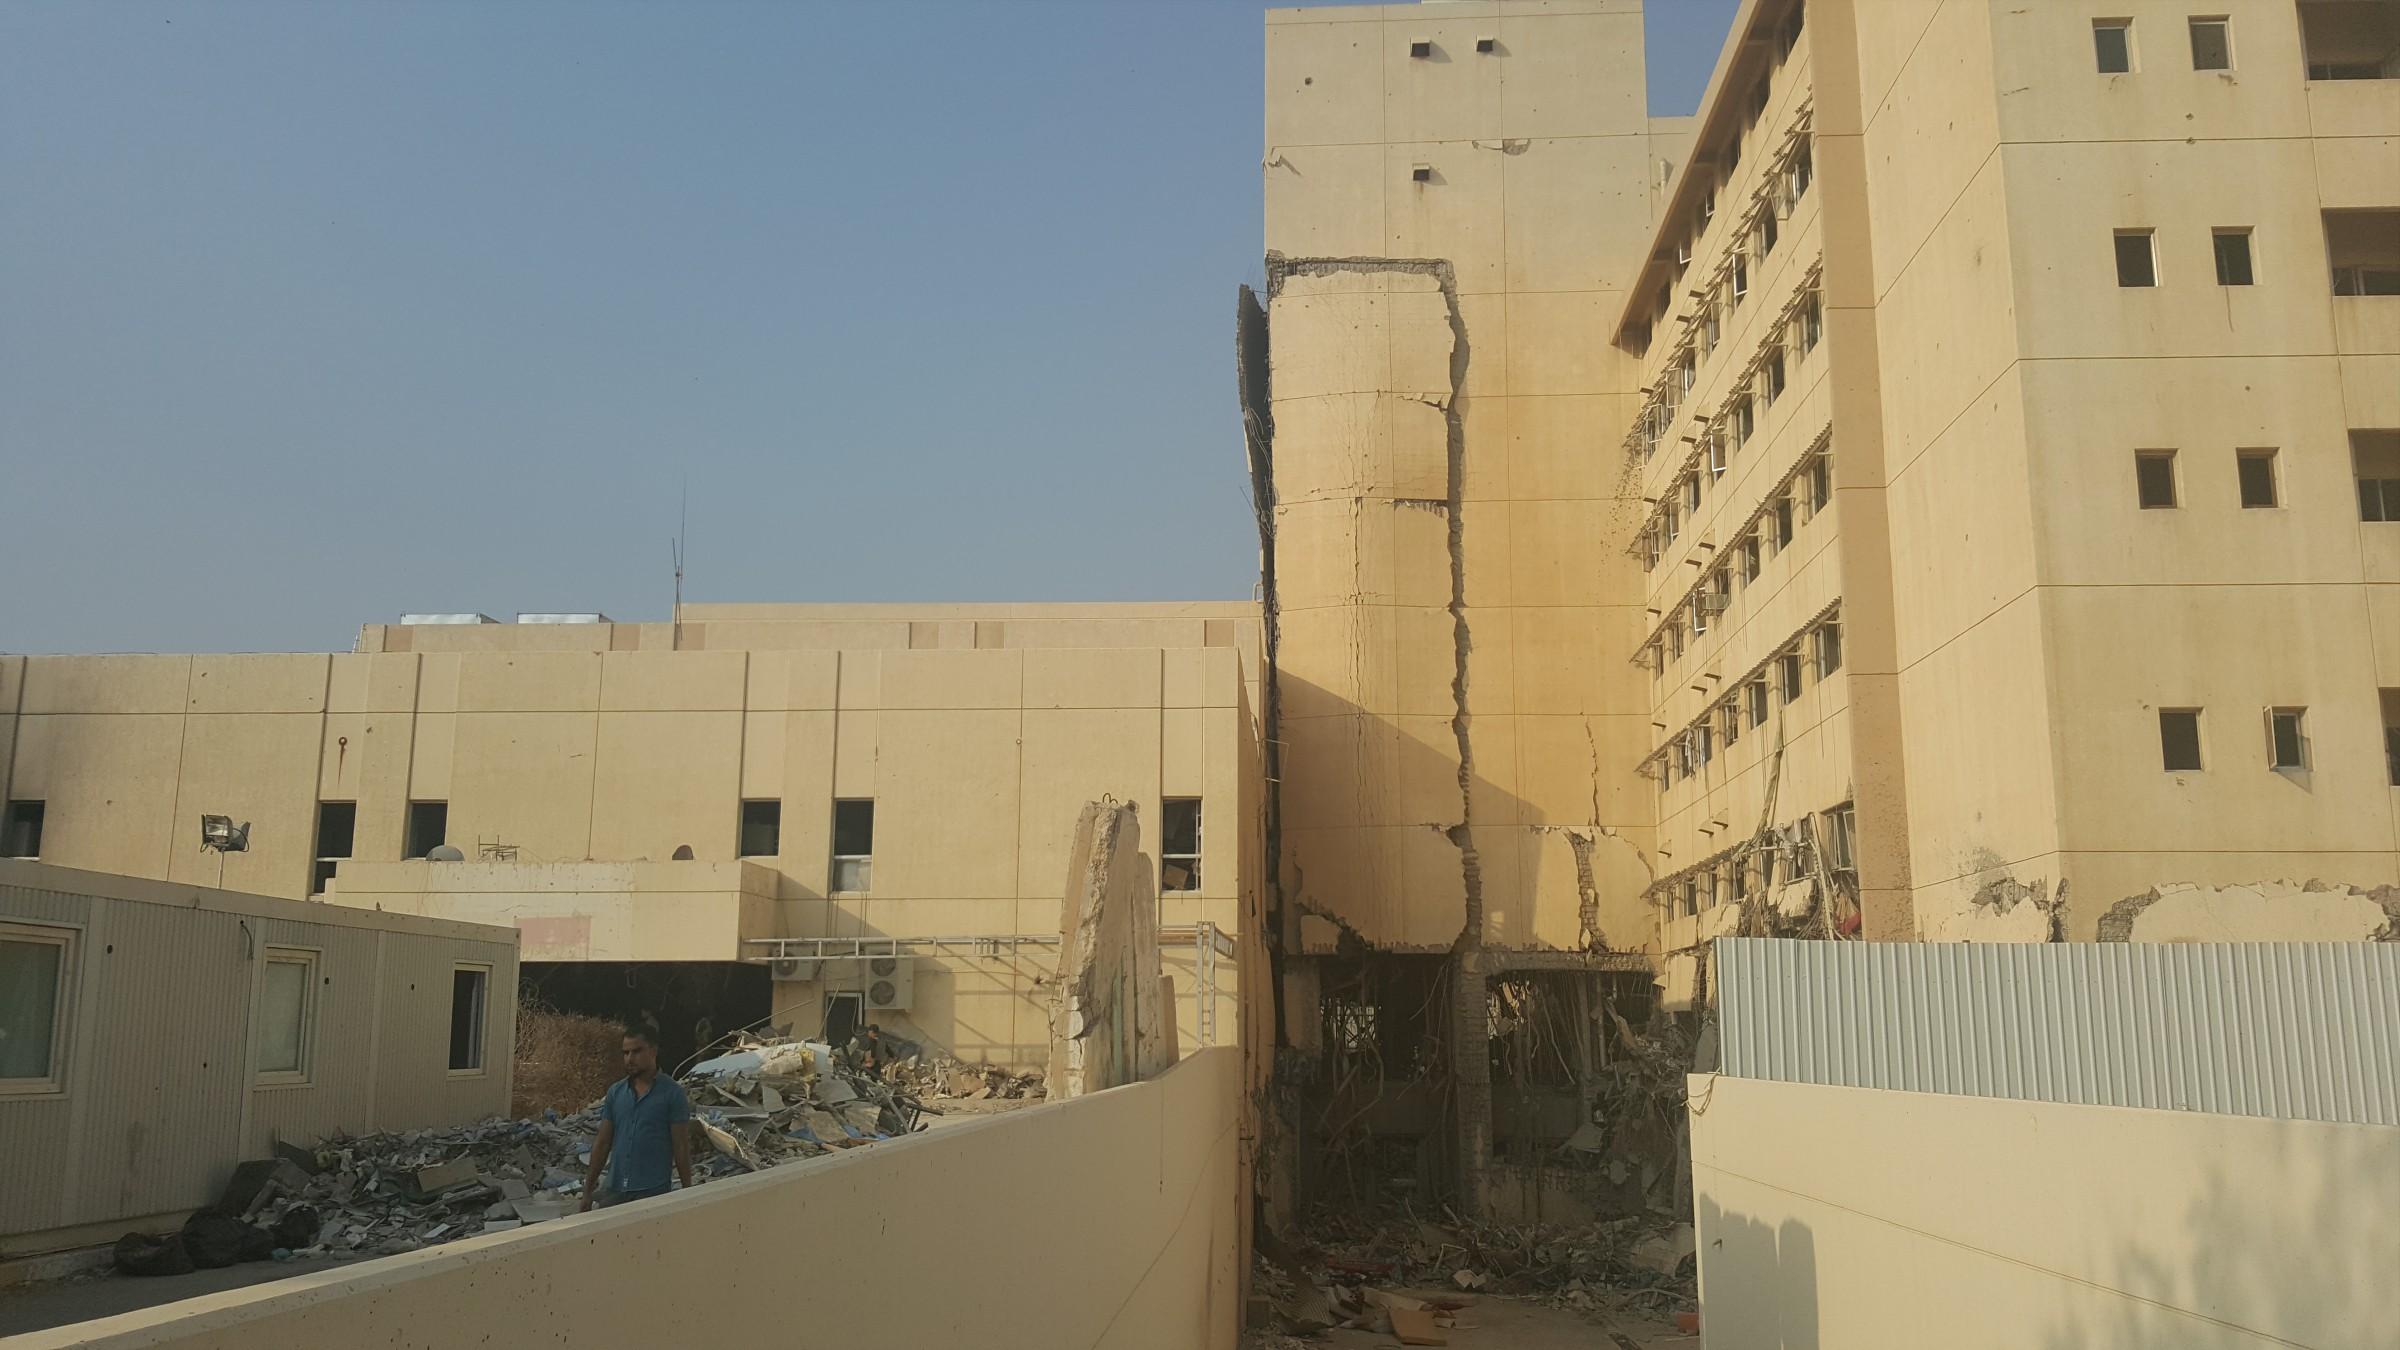 صحة الأنبار: حصلنا على وعود بإعادة بناء مستشفى الرمادي ولكنها لم تتحقق